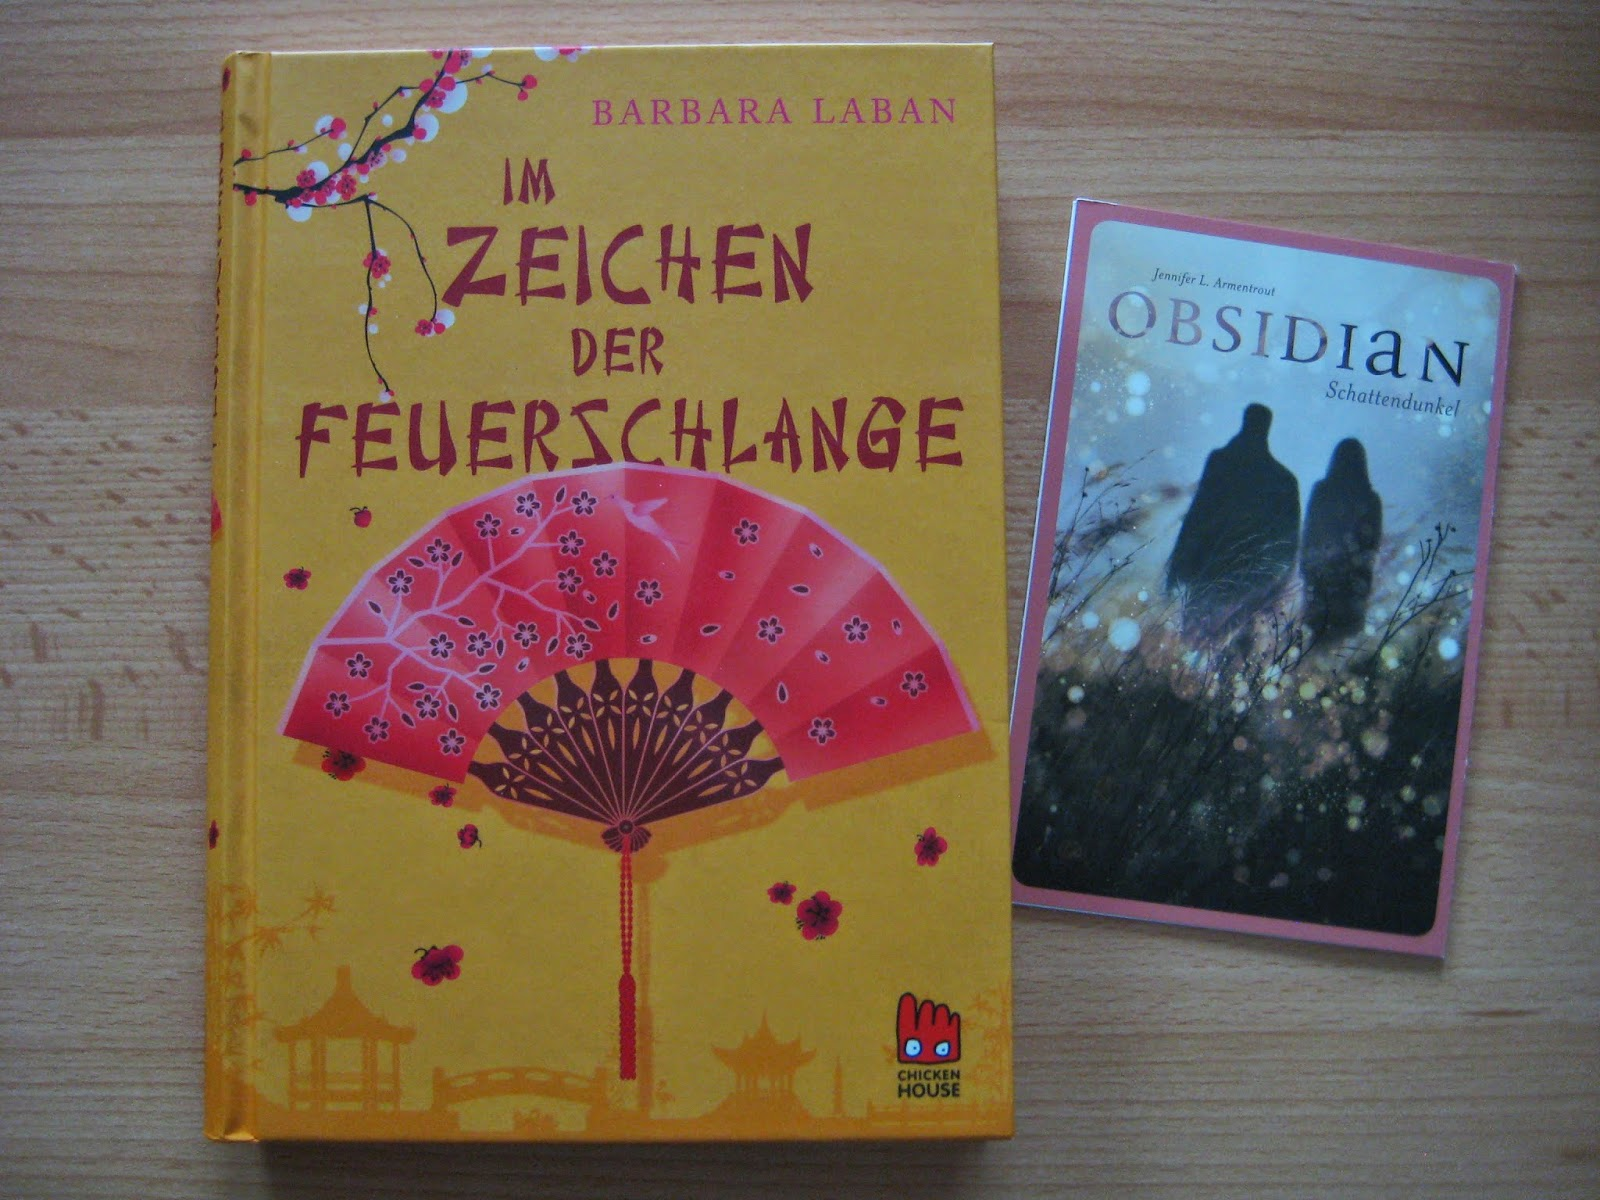 http://www.carlsen.de/hardcover/im-zeichen-der-feuerschlange/44898#Inhalt